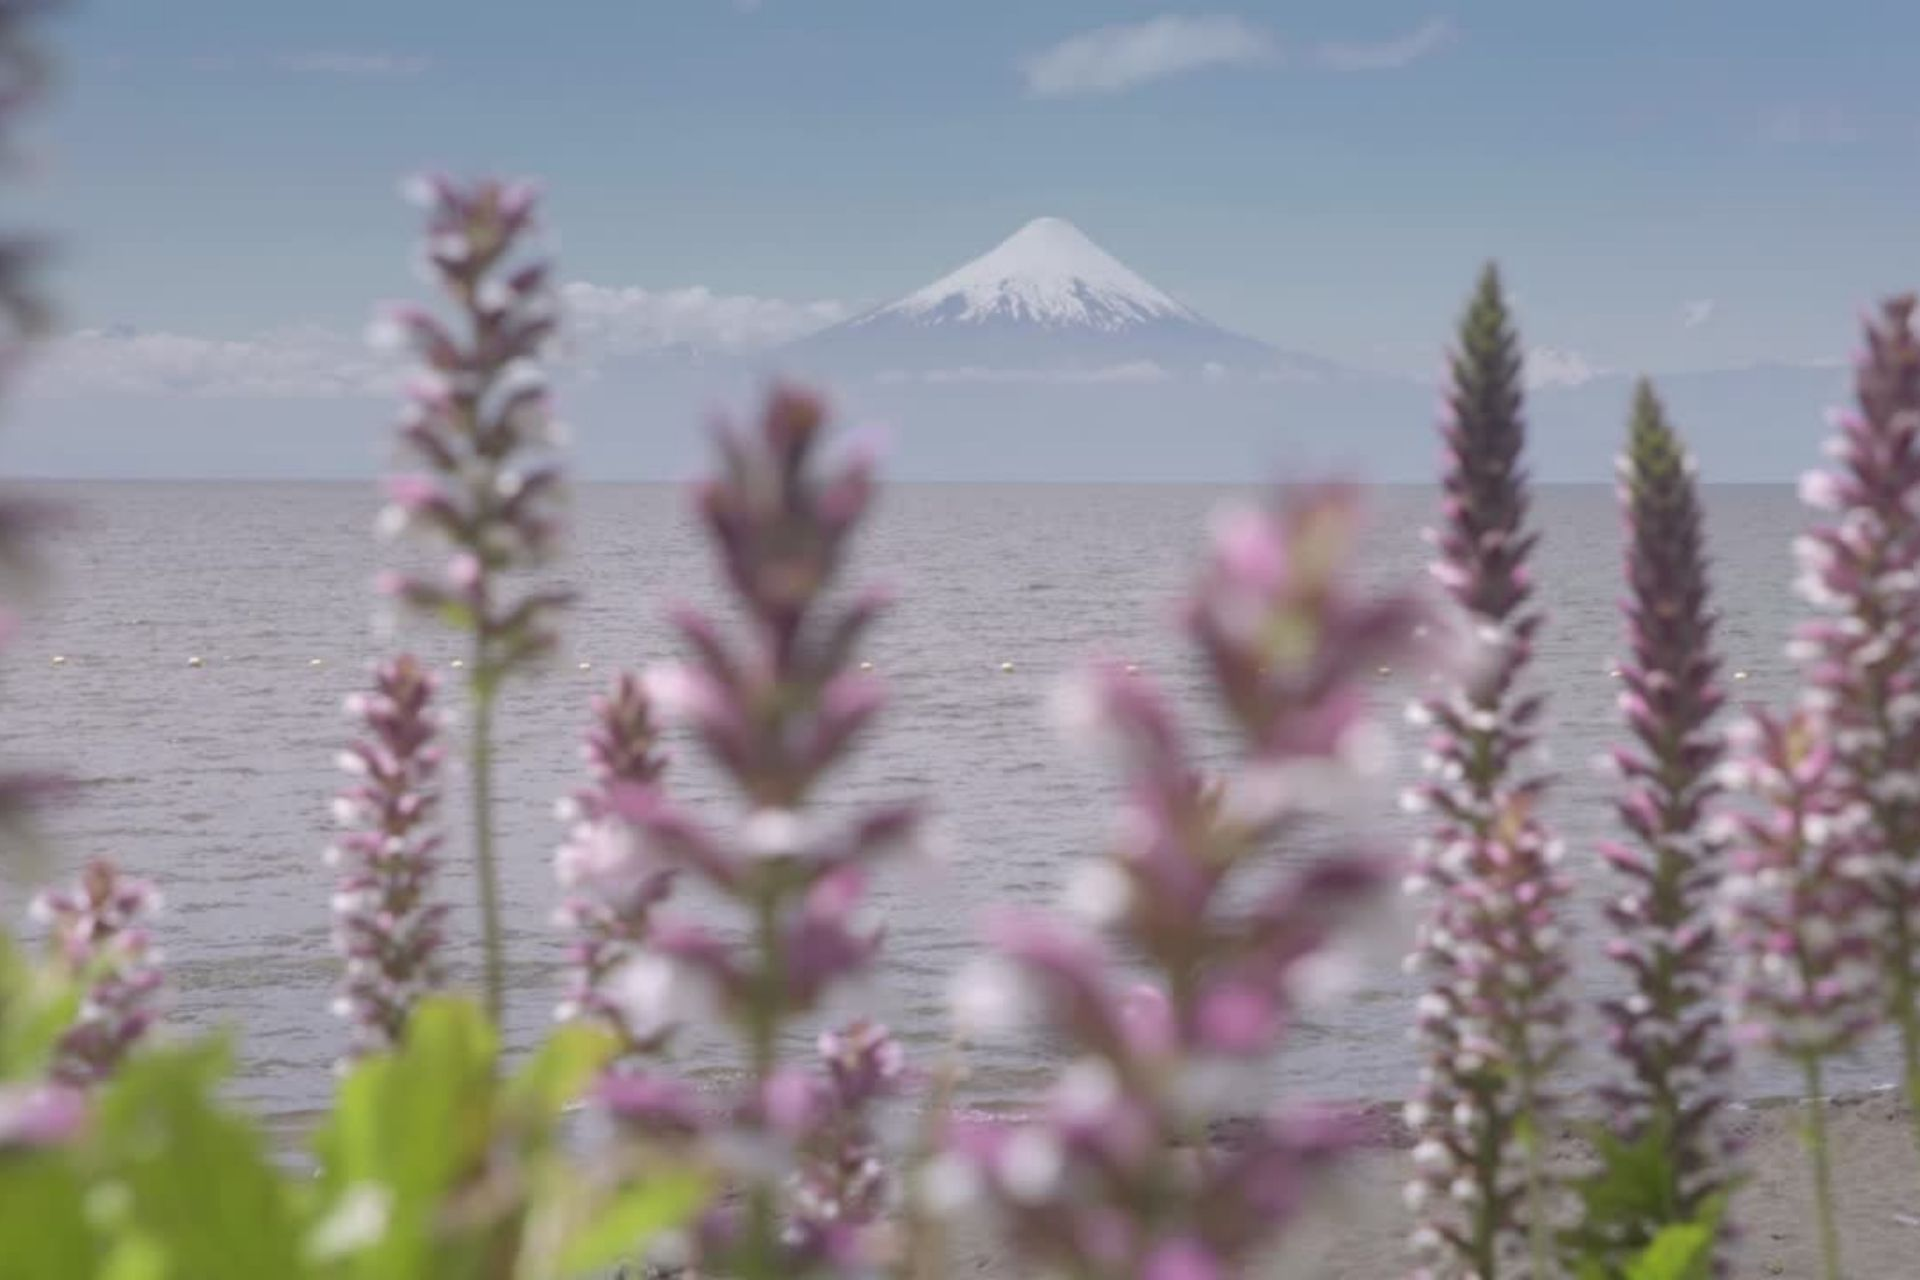 PTI Destino Creativo Lago Llanquihue: el programa que busca posicionar a la Cuenca del Lago Llanquihue como centro creativo en el sur de Chile